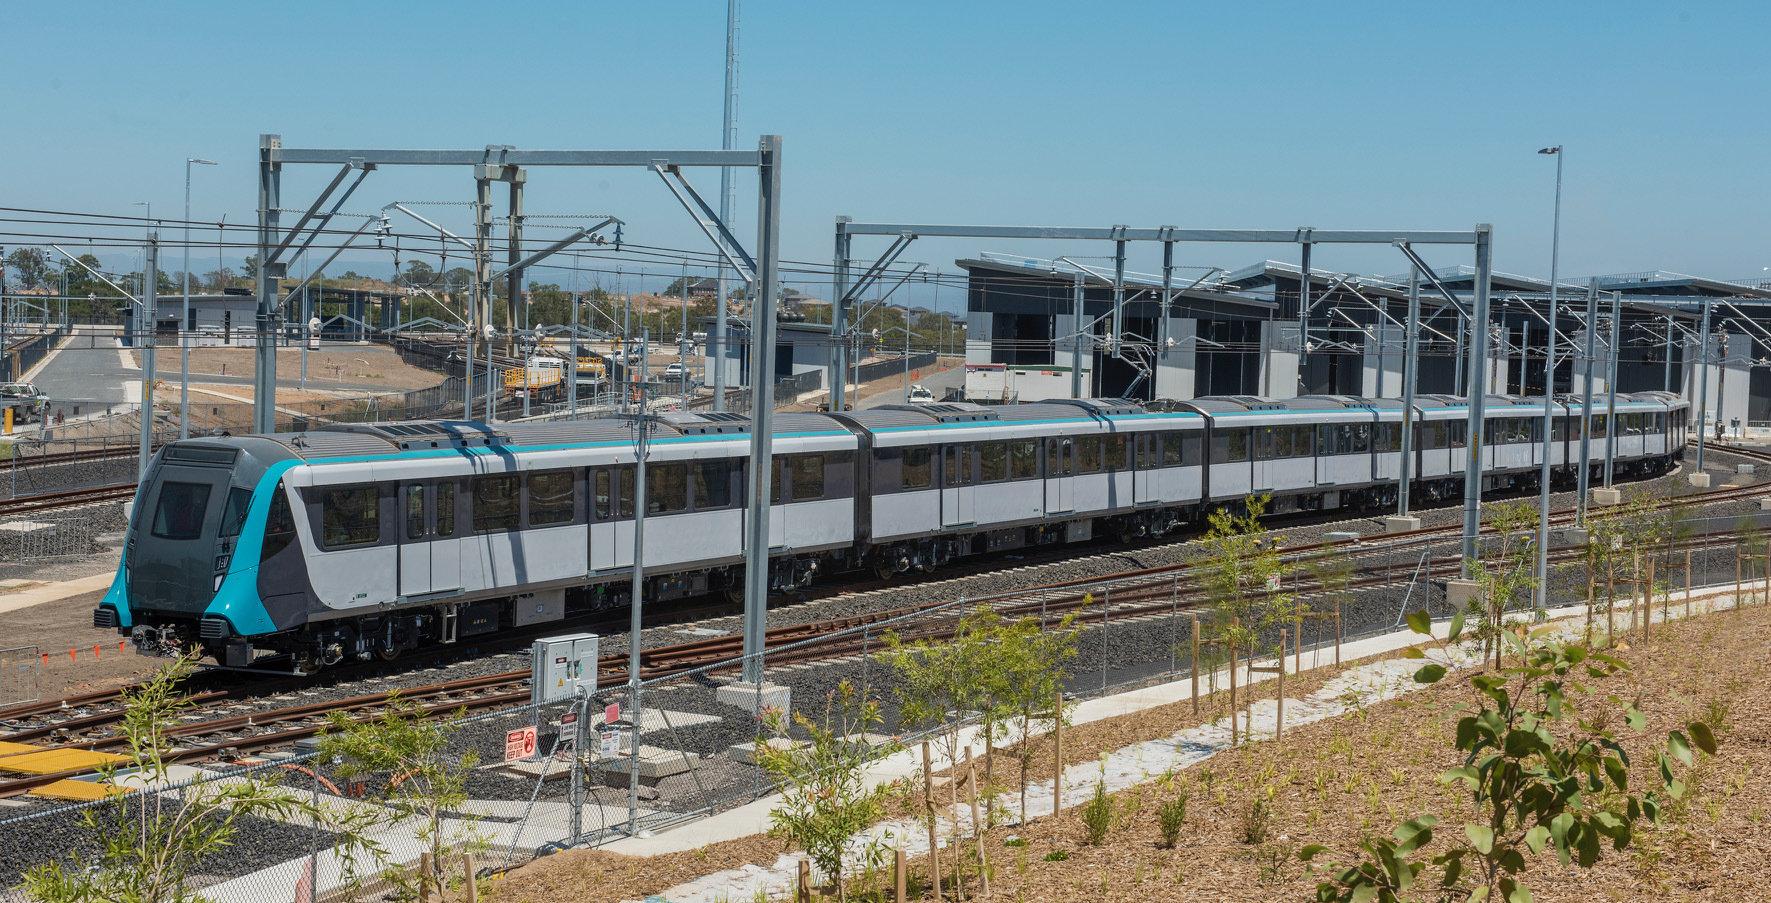 Alstom zawarł długoterminową umowę na utrzymanie sygnalizacji i obsługę taboru kolejowego dla metra w Sydney